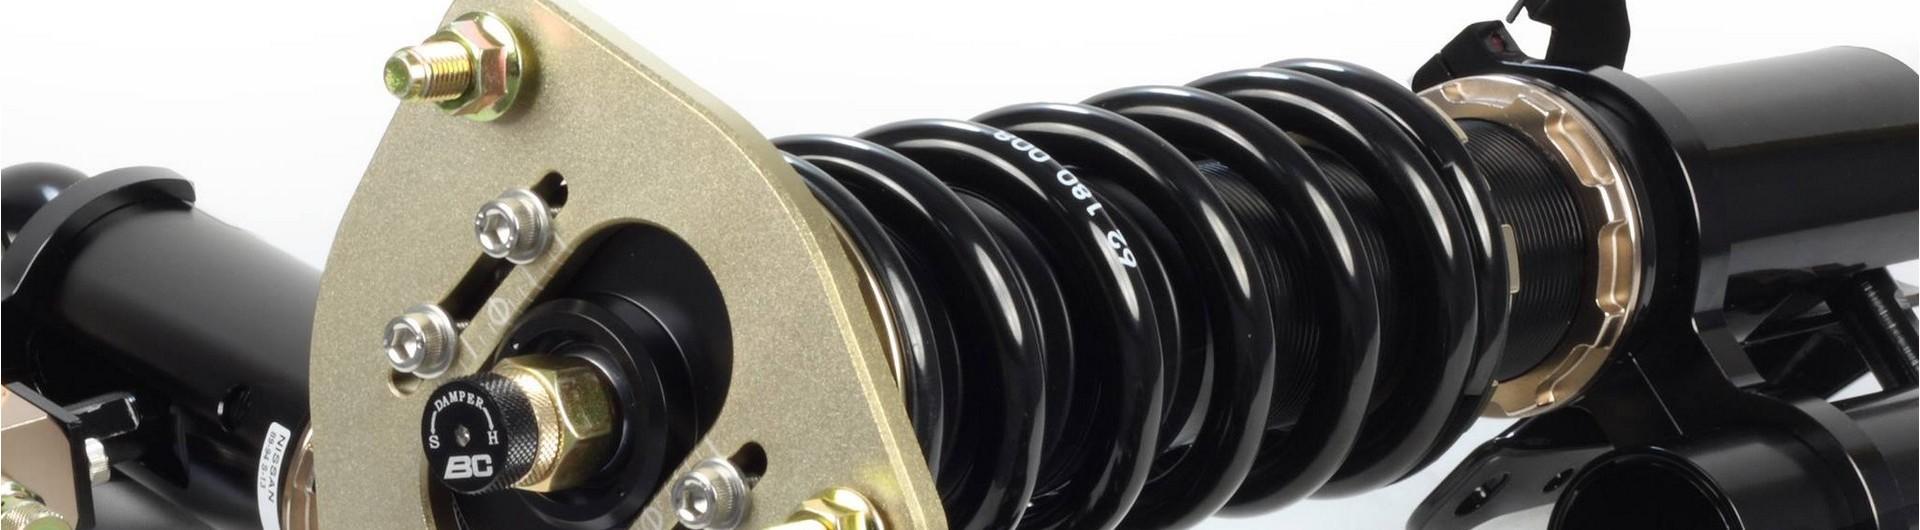 Kit de suspension pour vos sorties pistes et drift chez R&D